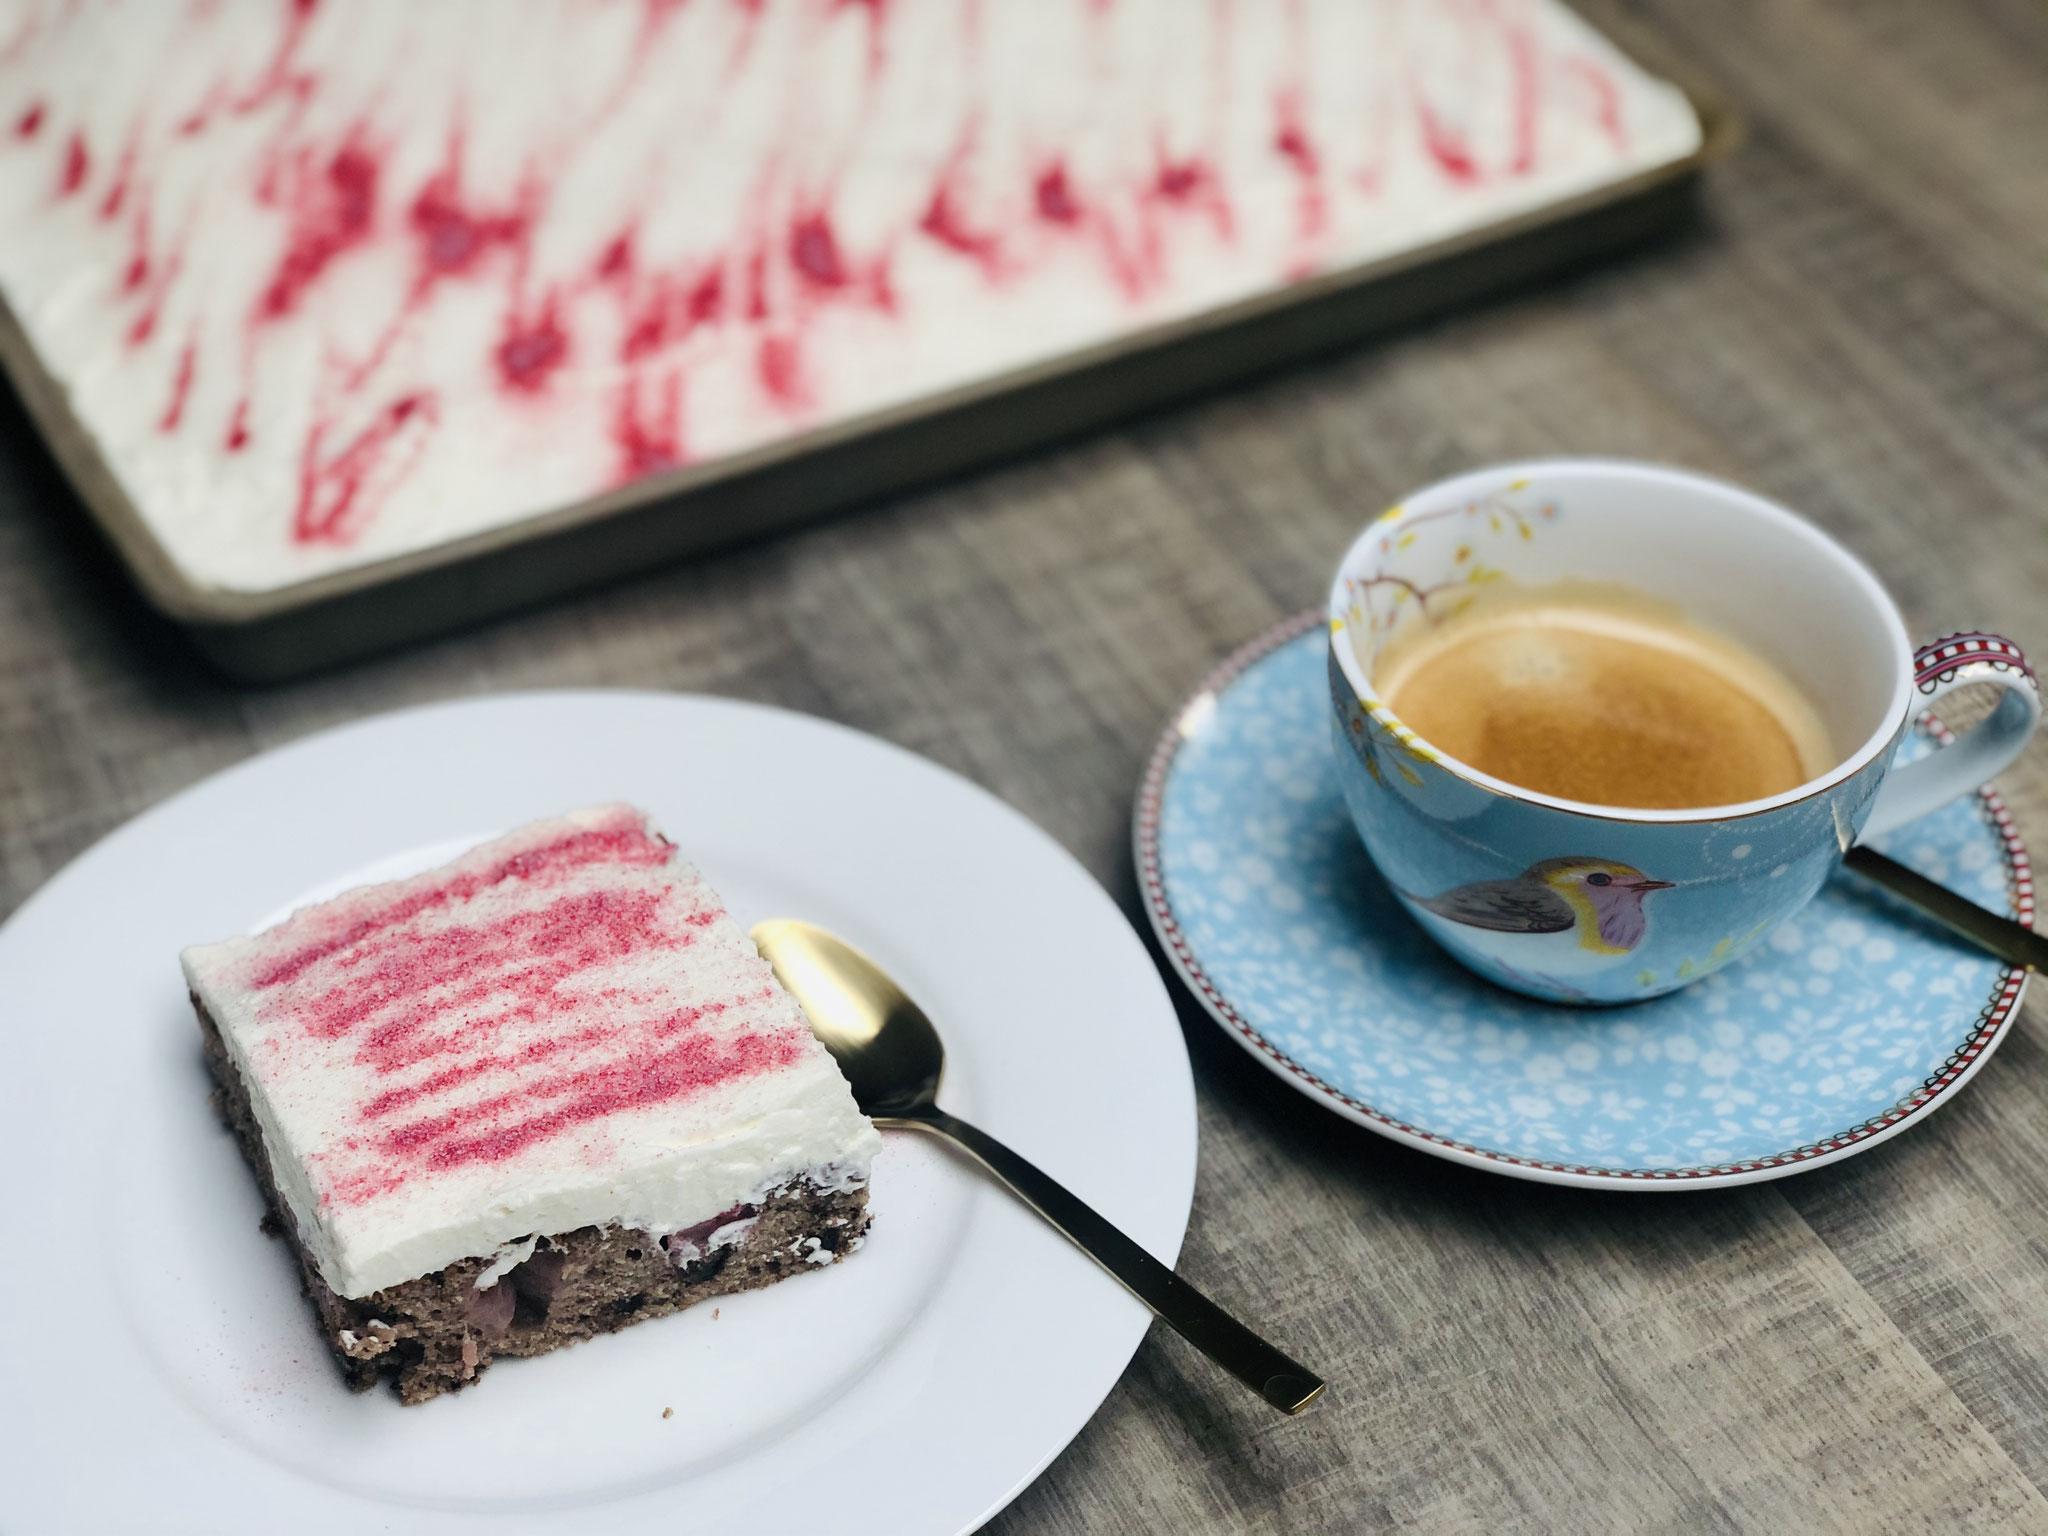 Nach dem backen ist das erste Stück Kuchen MEINS! ♥